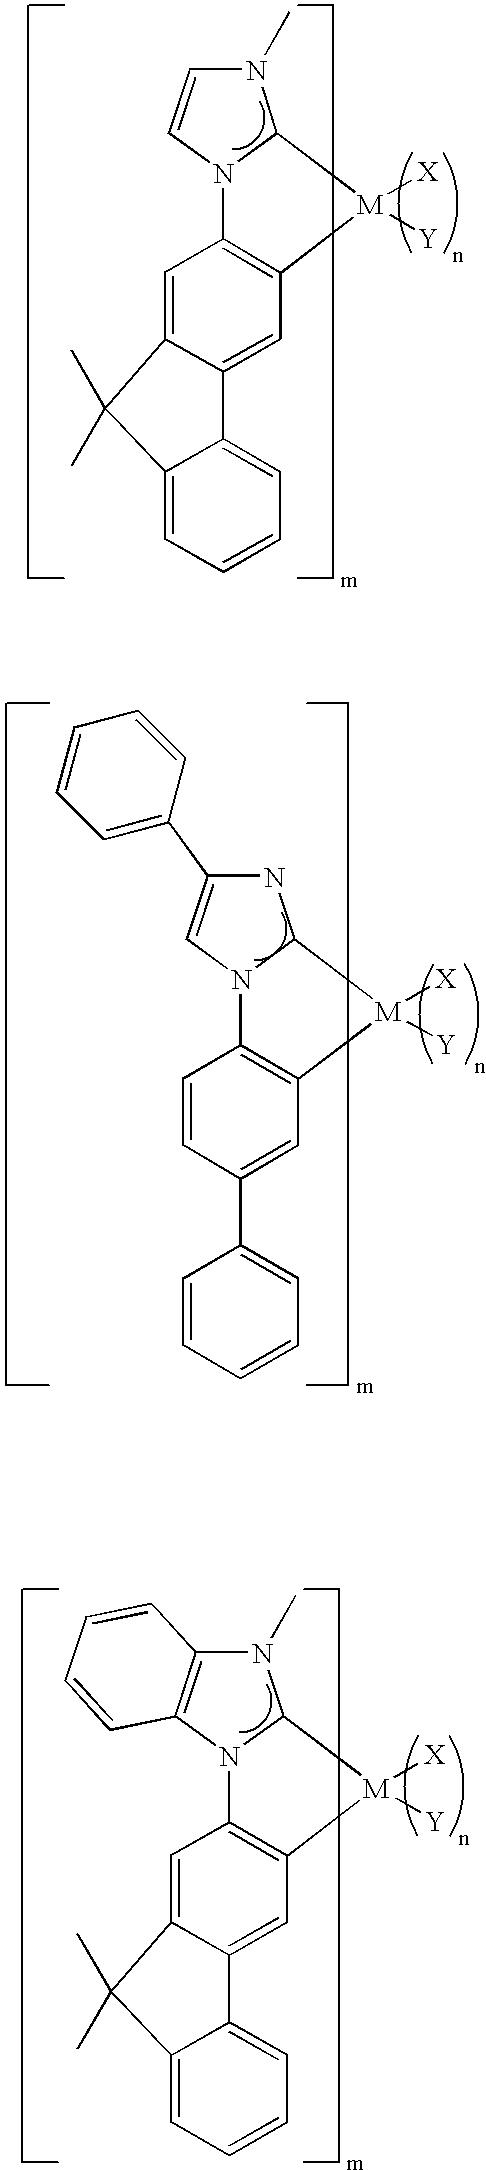 Figure US08007926-20110830-C00033